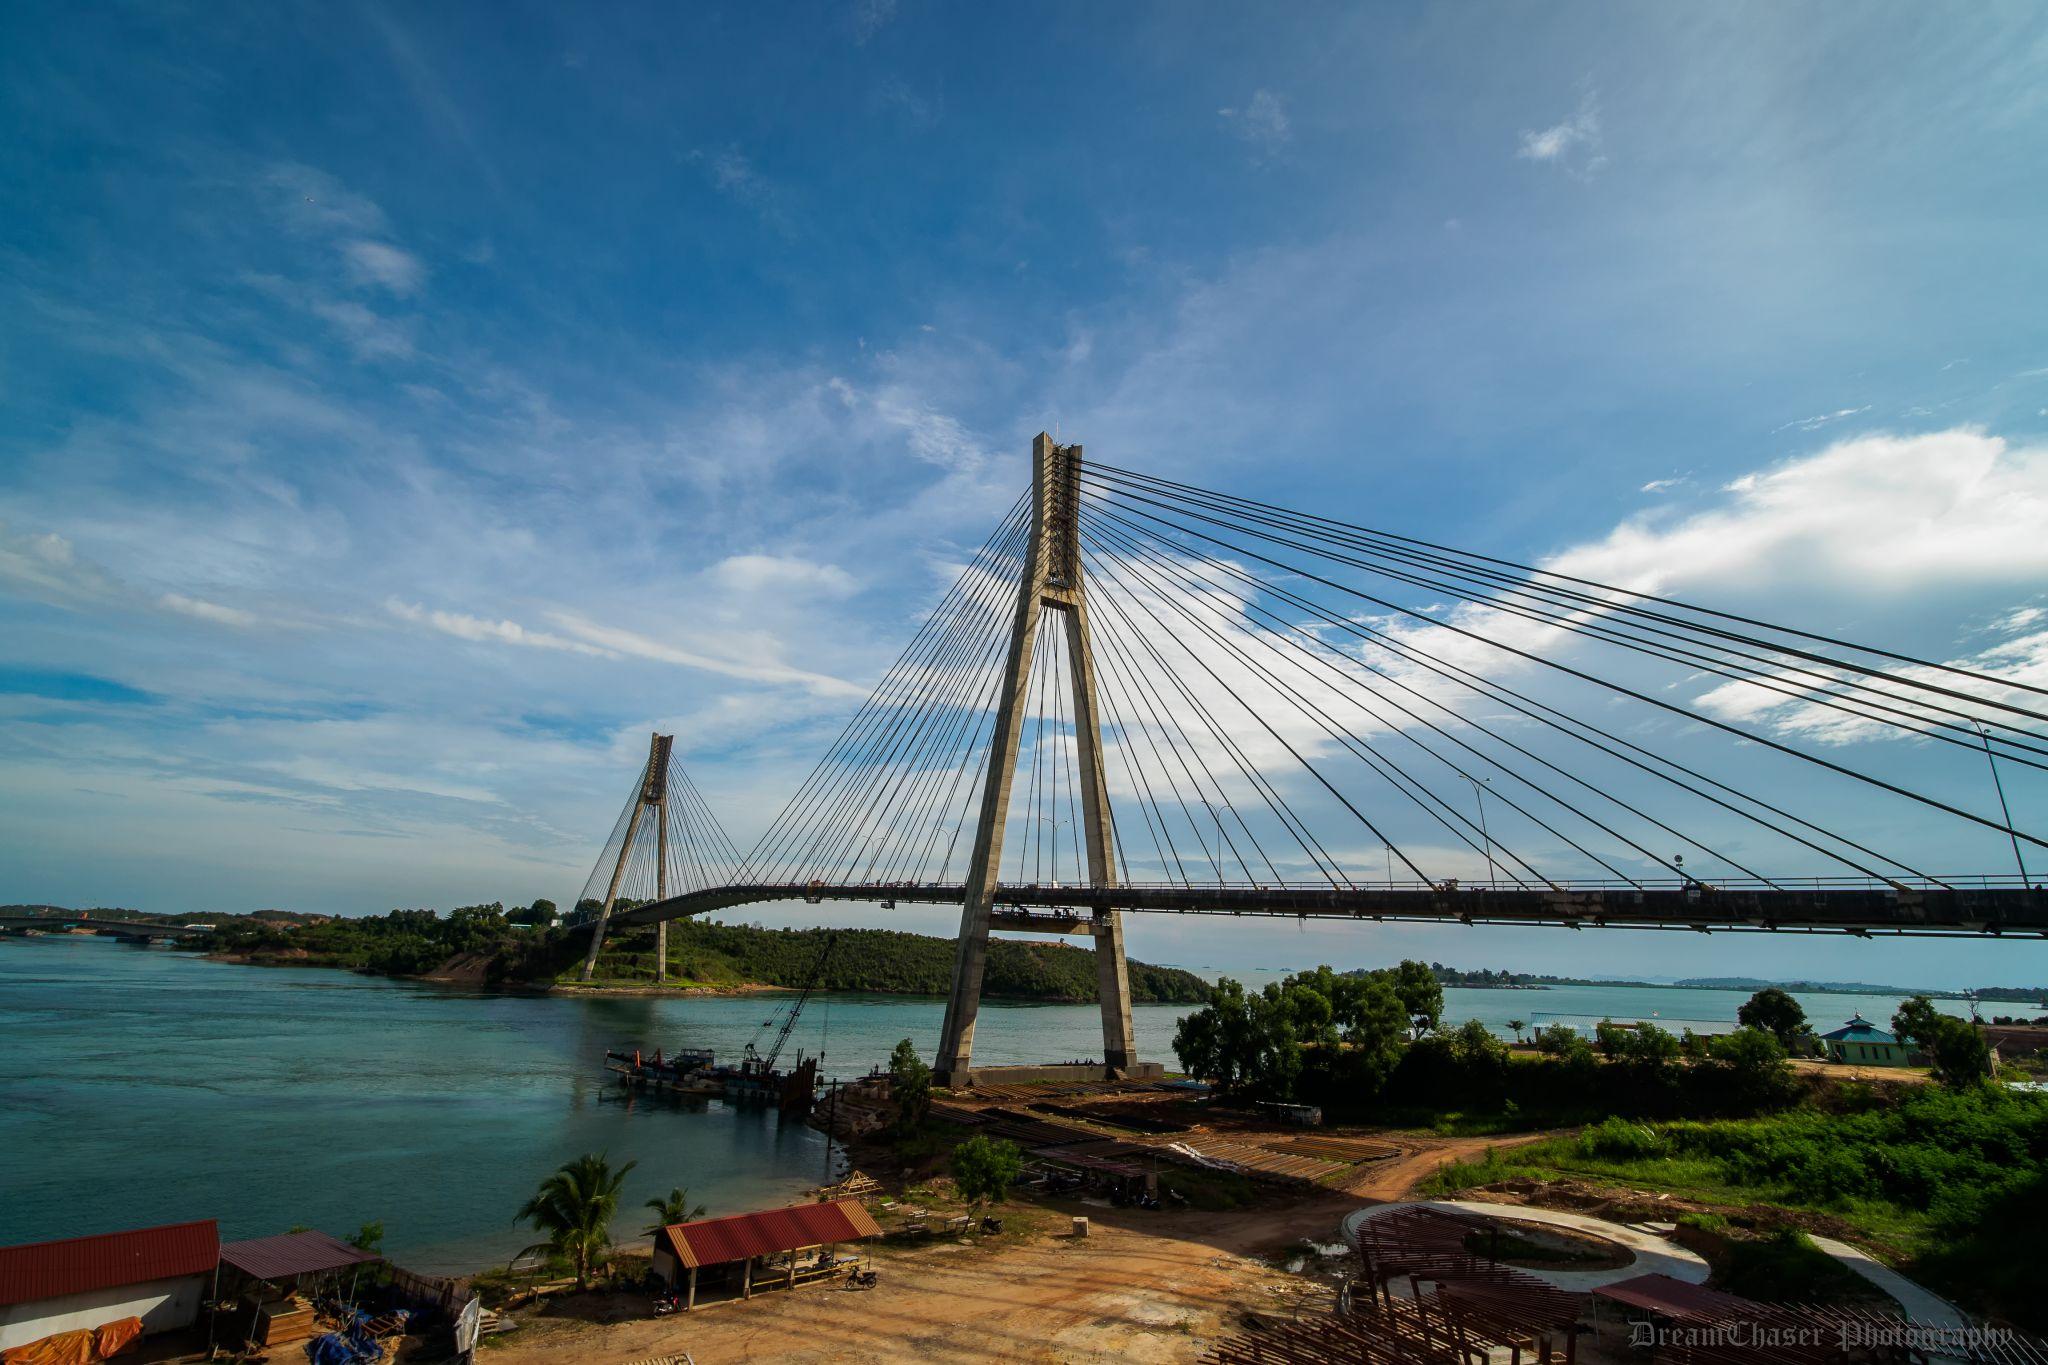 Barelang Bridge, Indonesia